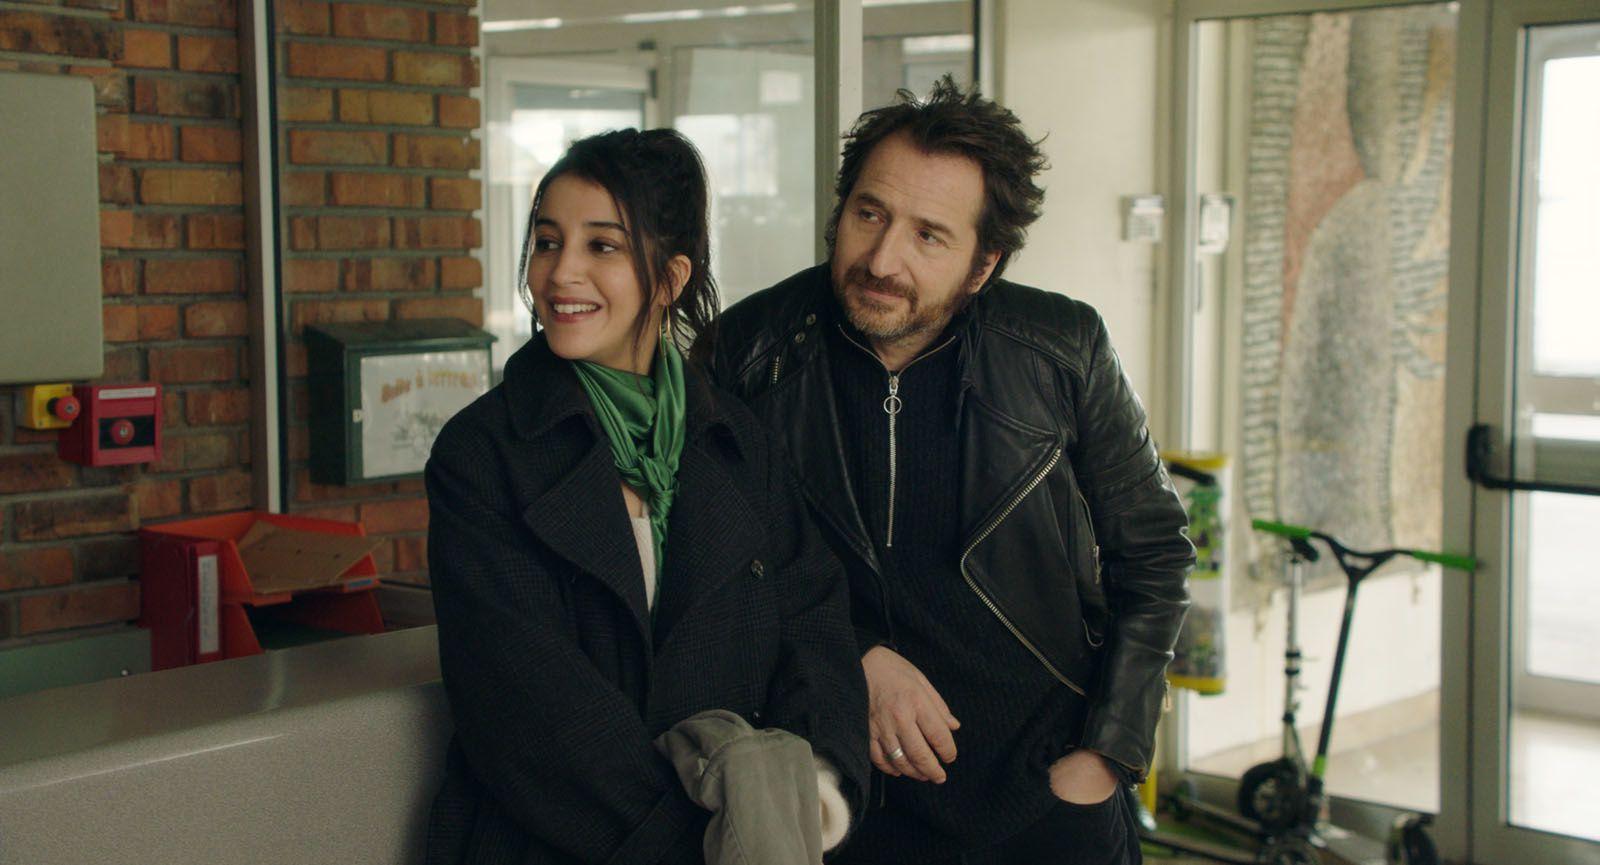 La lutte des classes (BANDE-ANNONCE) avec Leïla Bekhti, Edouard Baer, Ramzy Bedia - Le 3 avril 2019 au cinéma